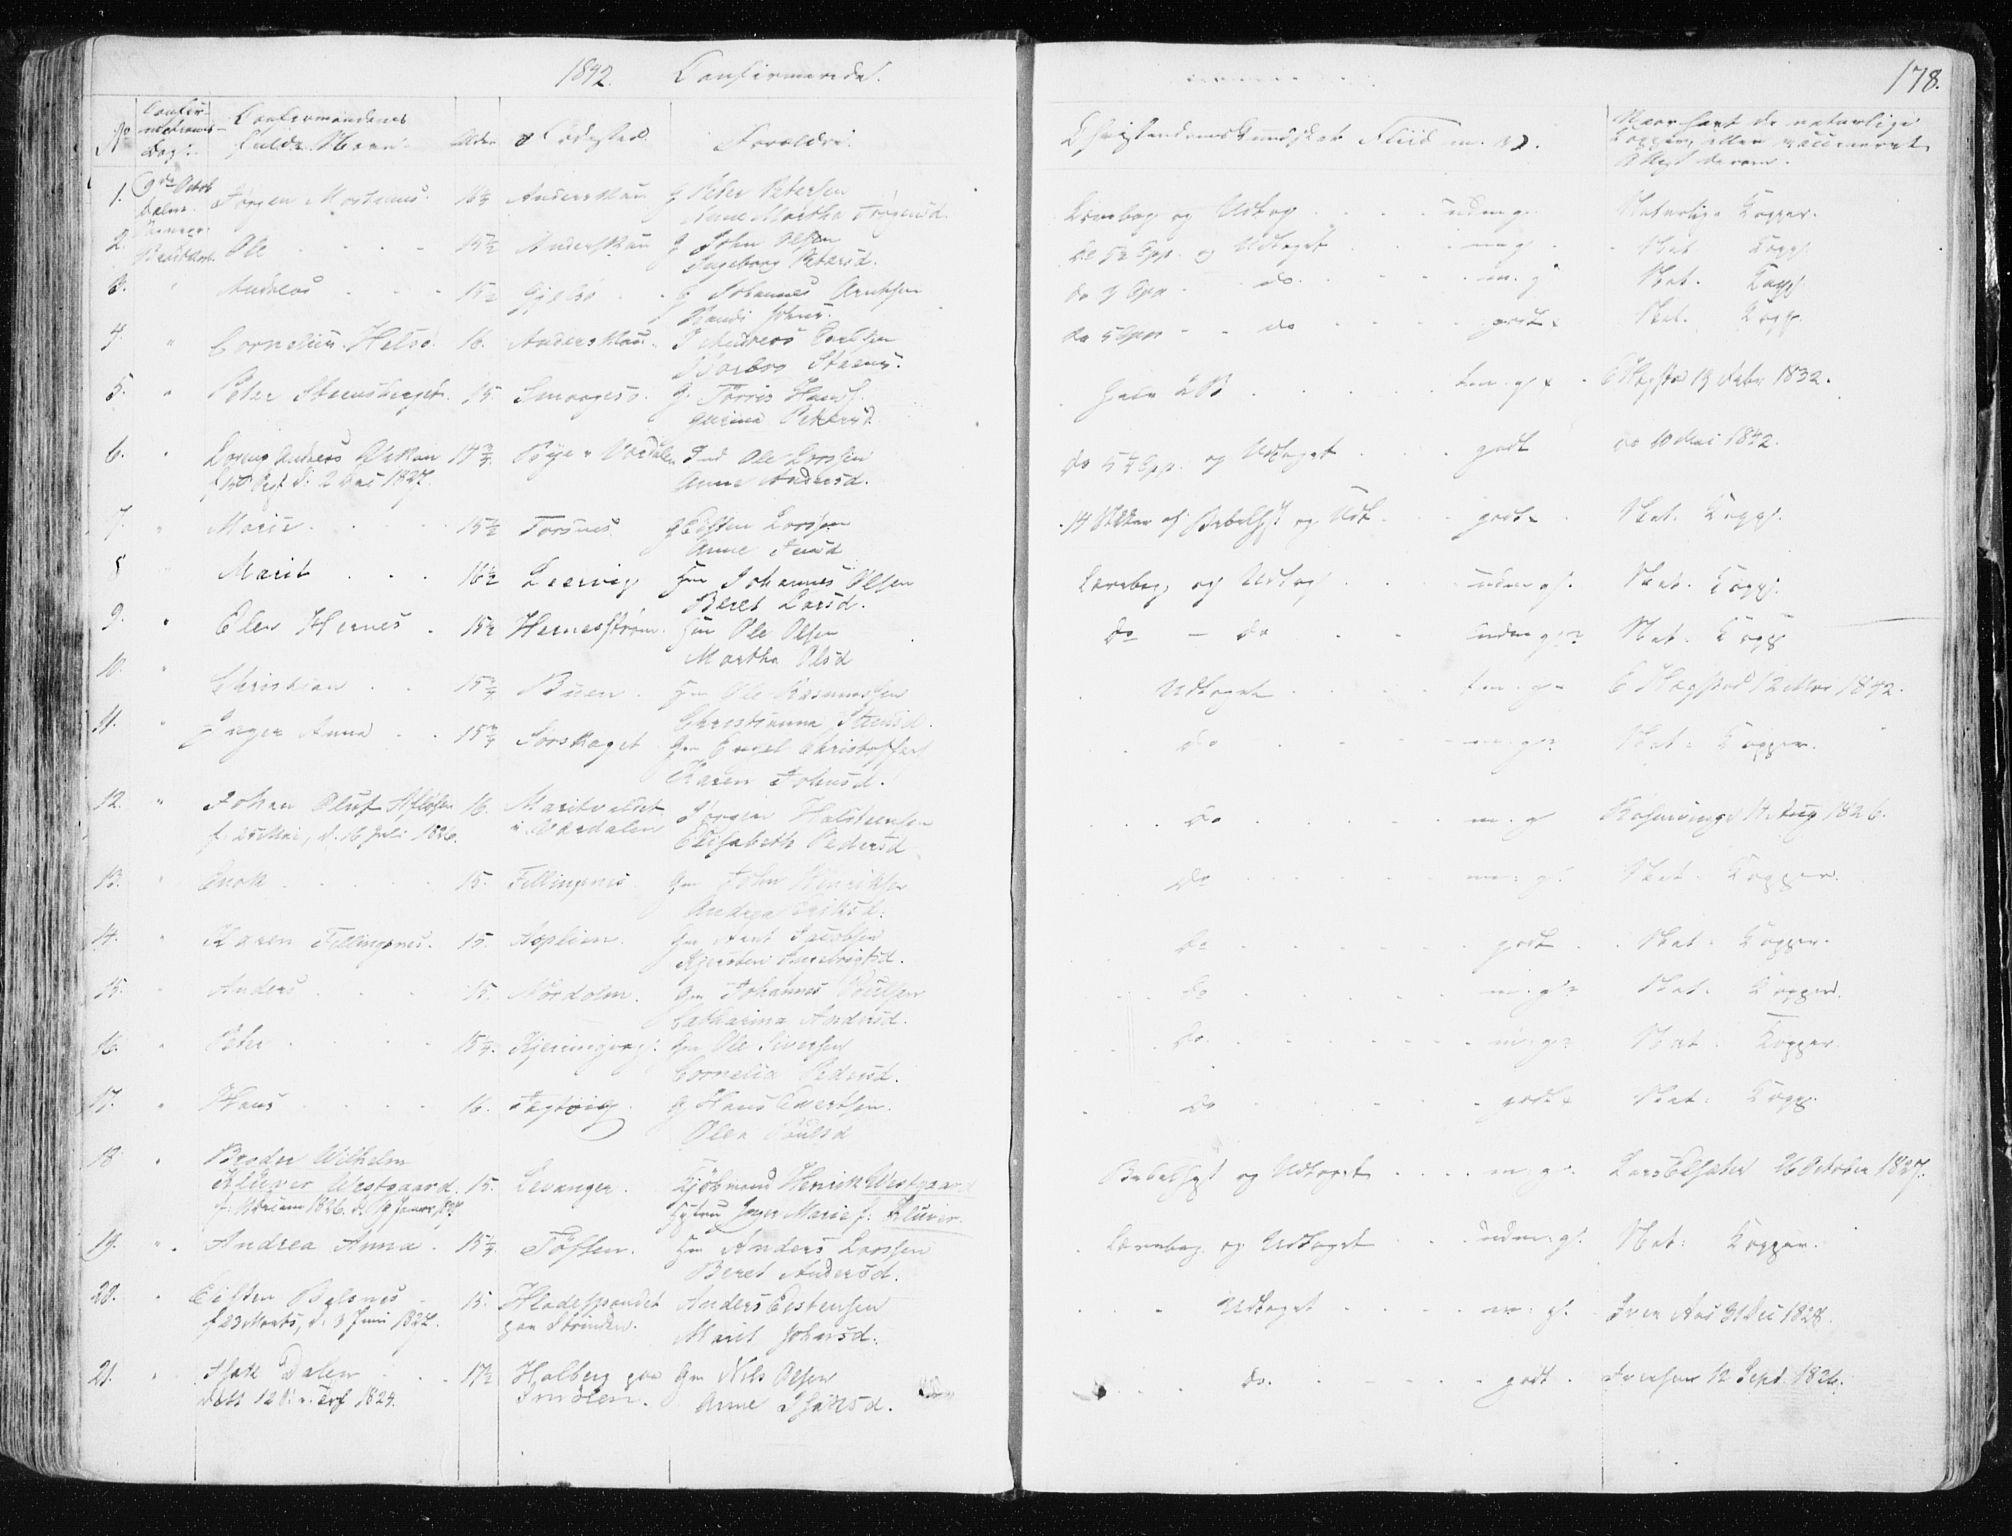 SAT, Ministerialprotokoller, klokkerbøker og fødselsregistre - Sør-Trøndelag, 634/L0528: Ministerialbok nr. 634A04, 1827-1842, s. 178